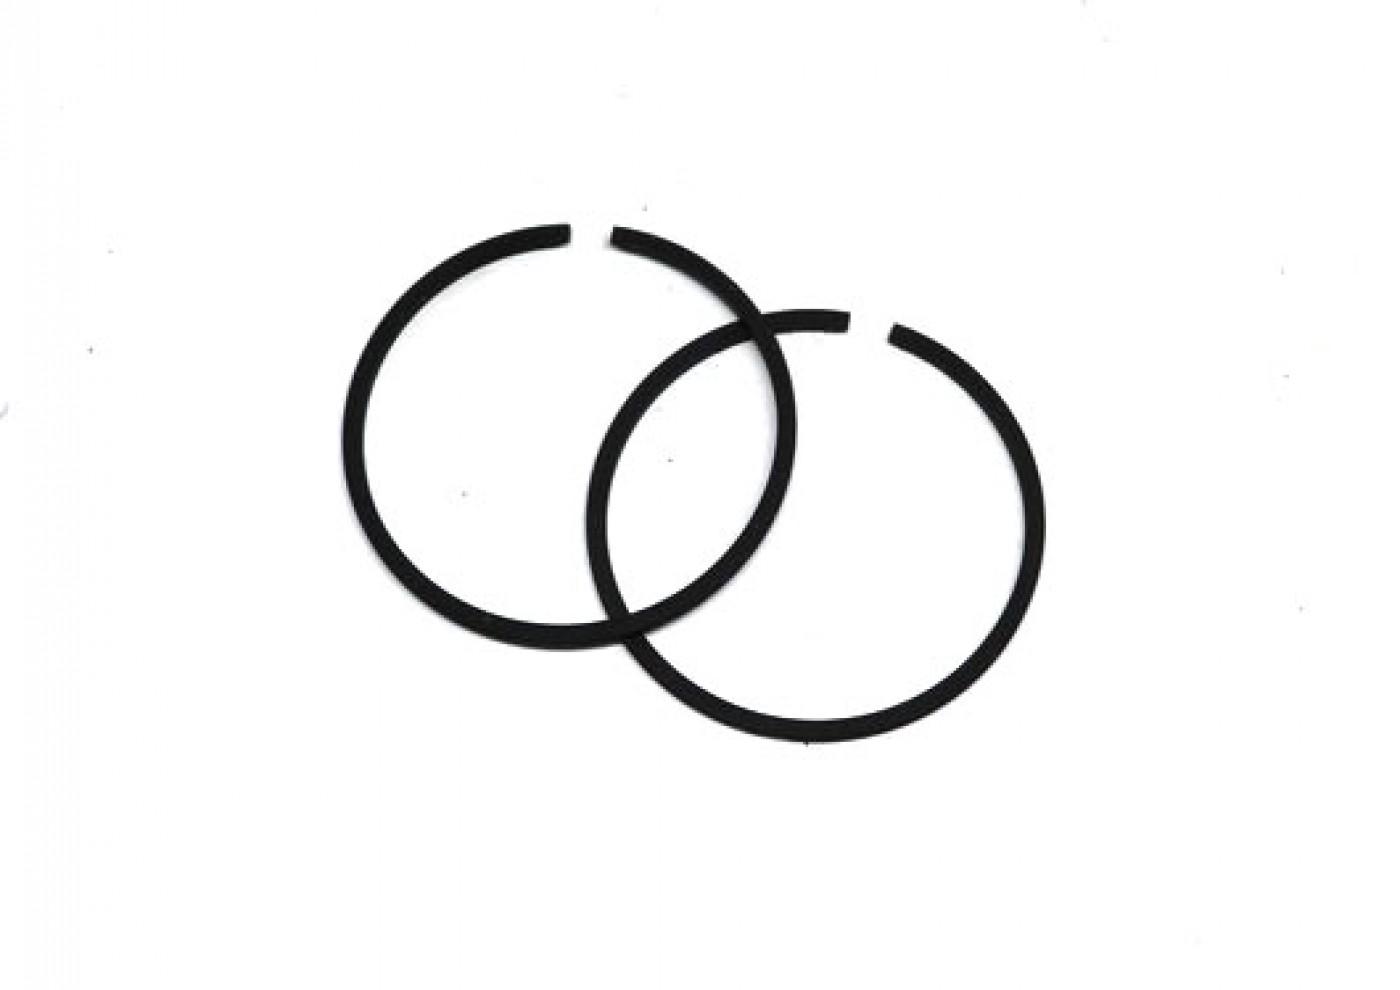 Súprava piestnych krúžkov - 58 mm